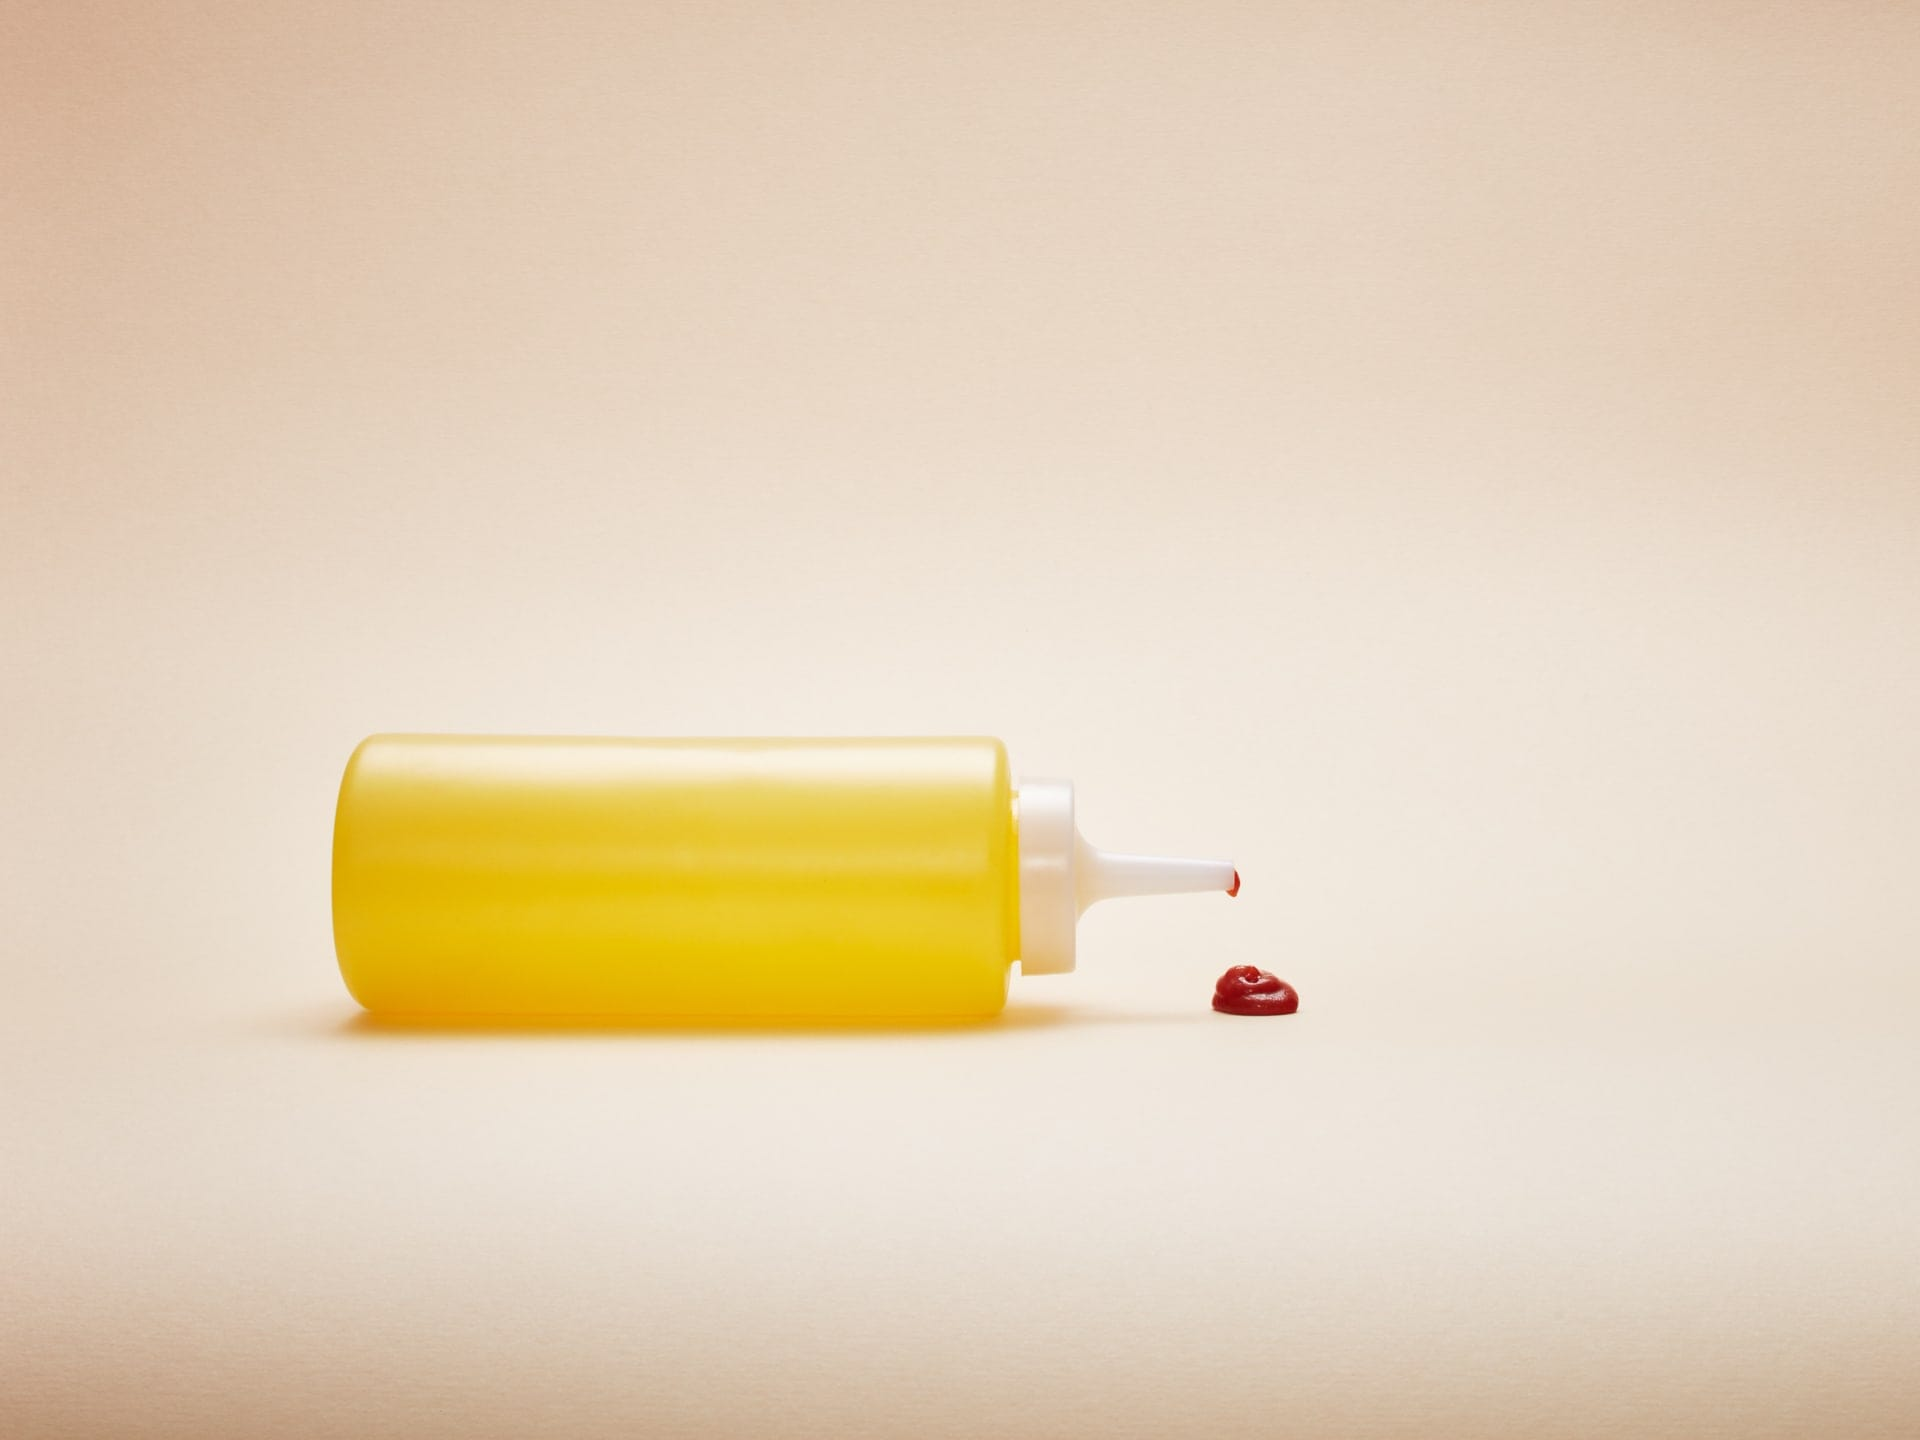 CdF - Yellow Ketchup